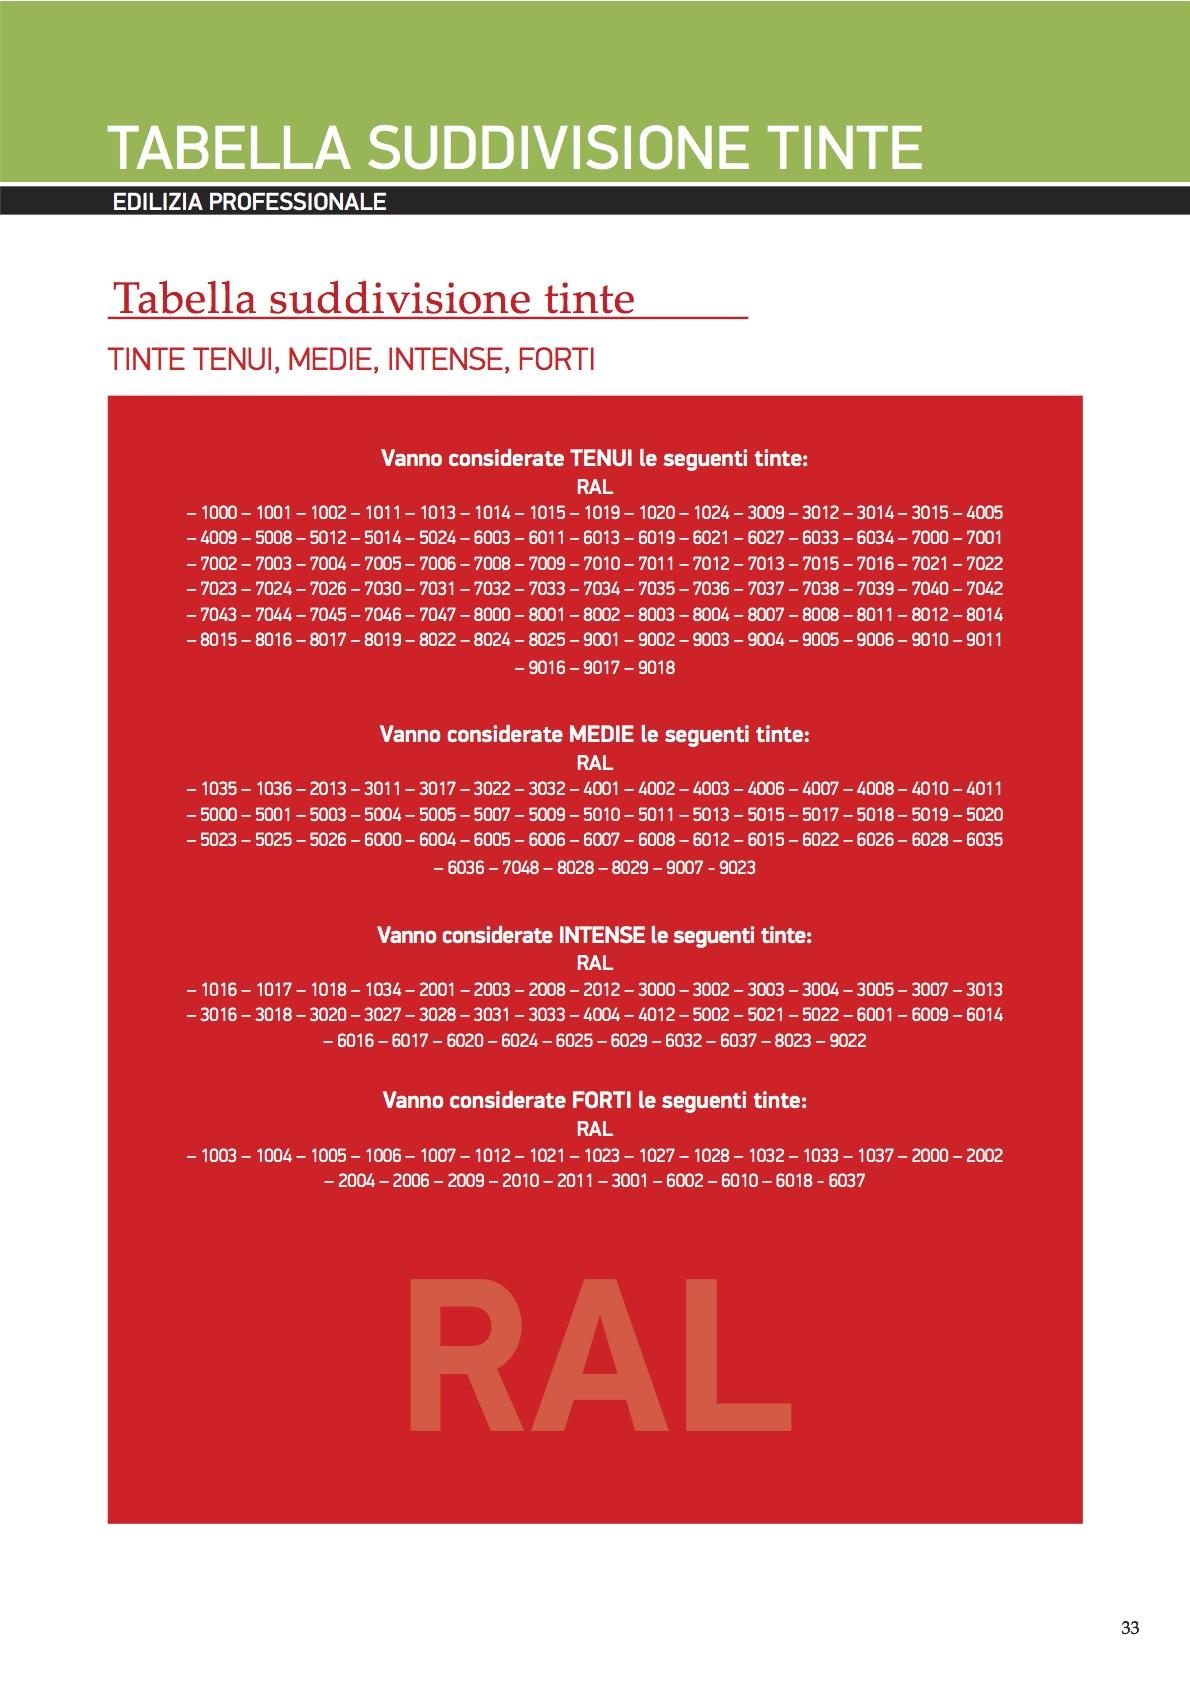 tabella-suddivisione-colori-ral